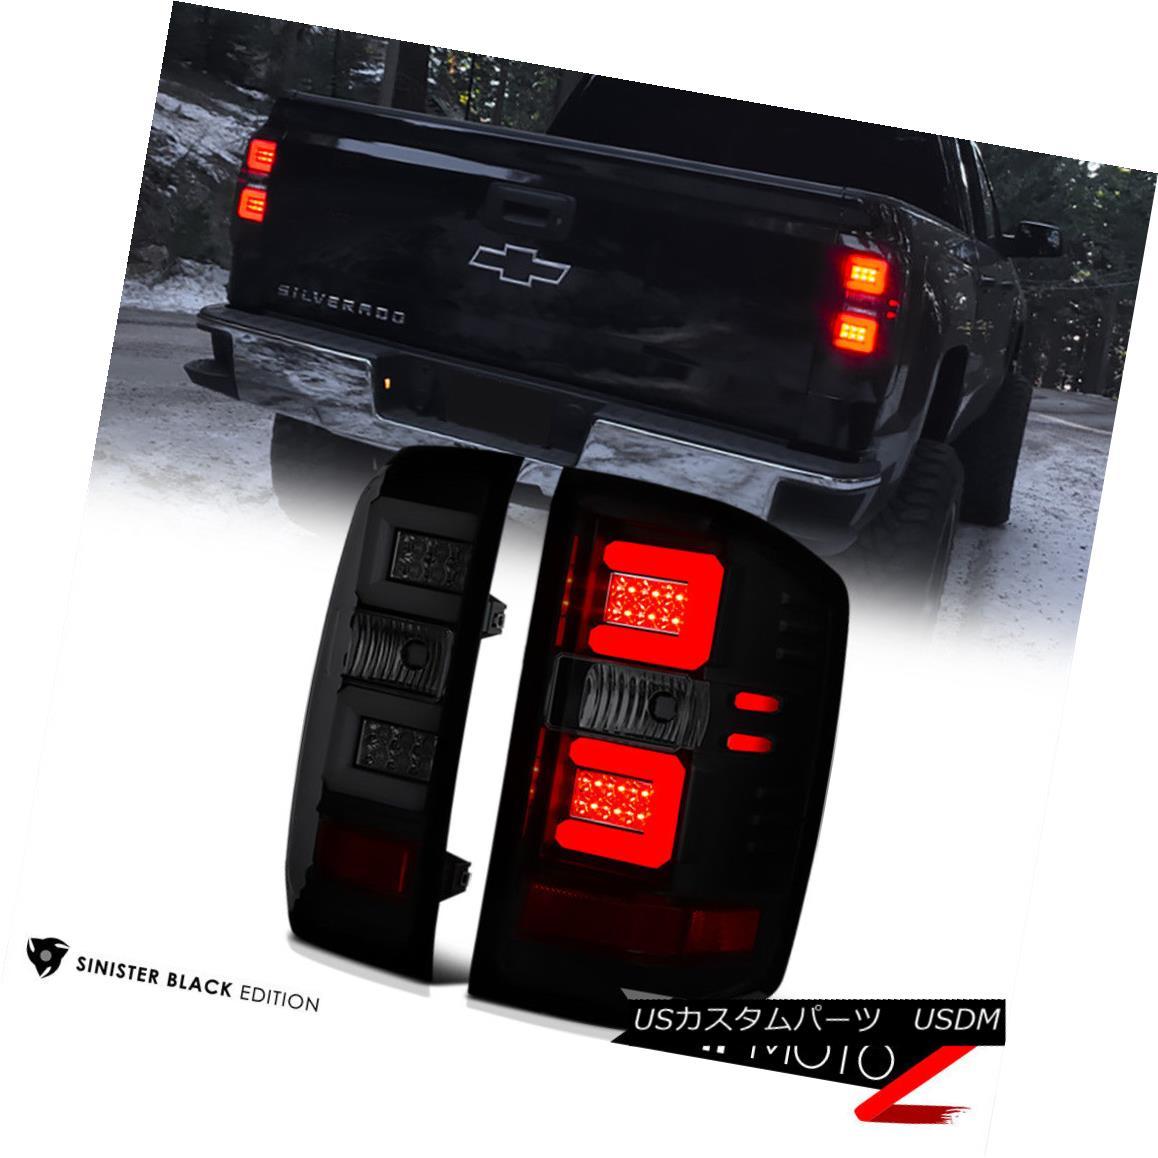 テールライト [SINISTER BLACK] Smoke LED Neon Tube Tail Lights 2016-2018 Chevy Silverado Truck [SINISTER BLACK]スモークLEDネオンチューブテールライト2016-2018 Chevy Silverado Truck